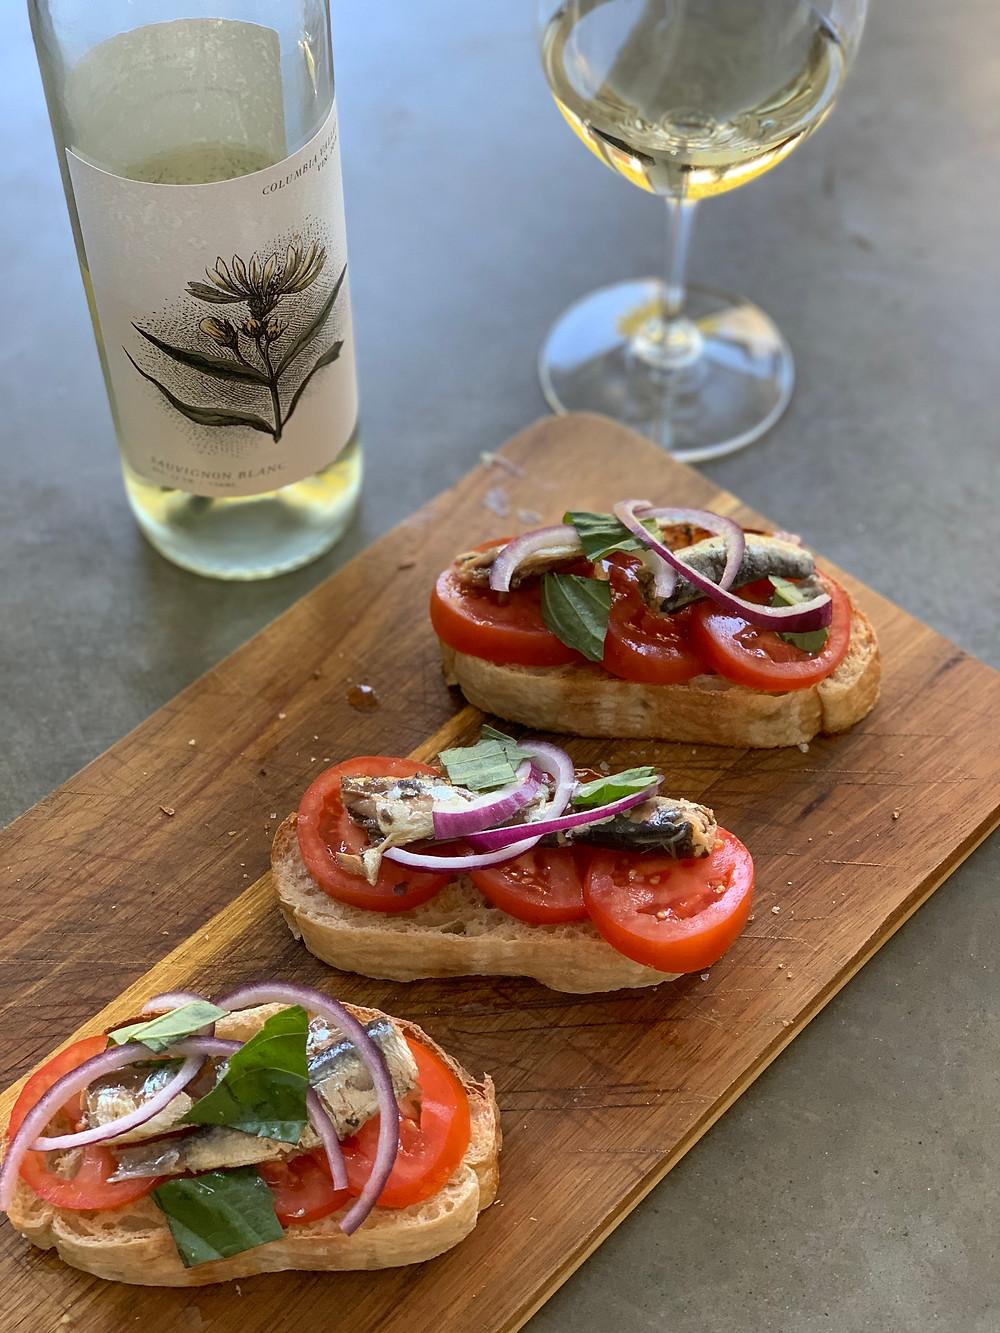 Sardine bite with Wautoma Springs Sauvignon blanc